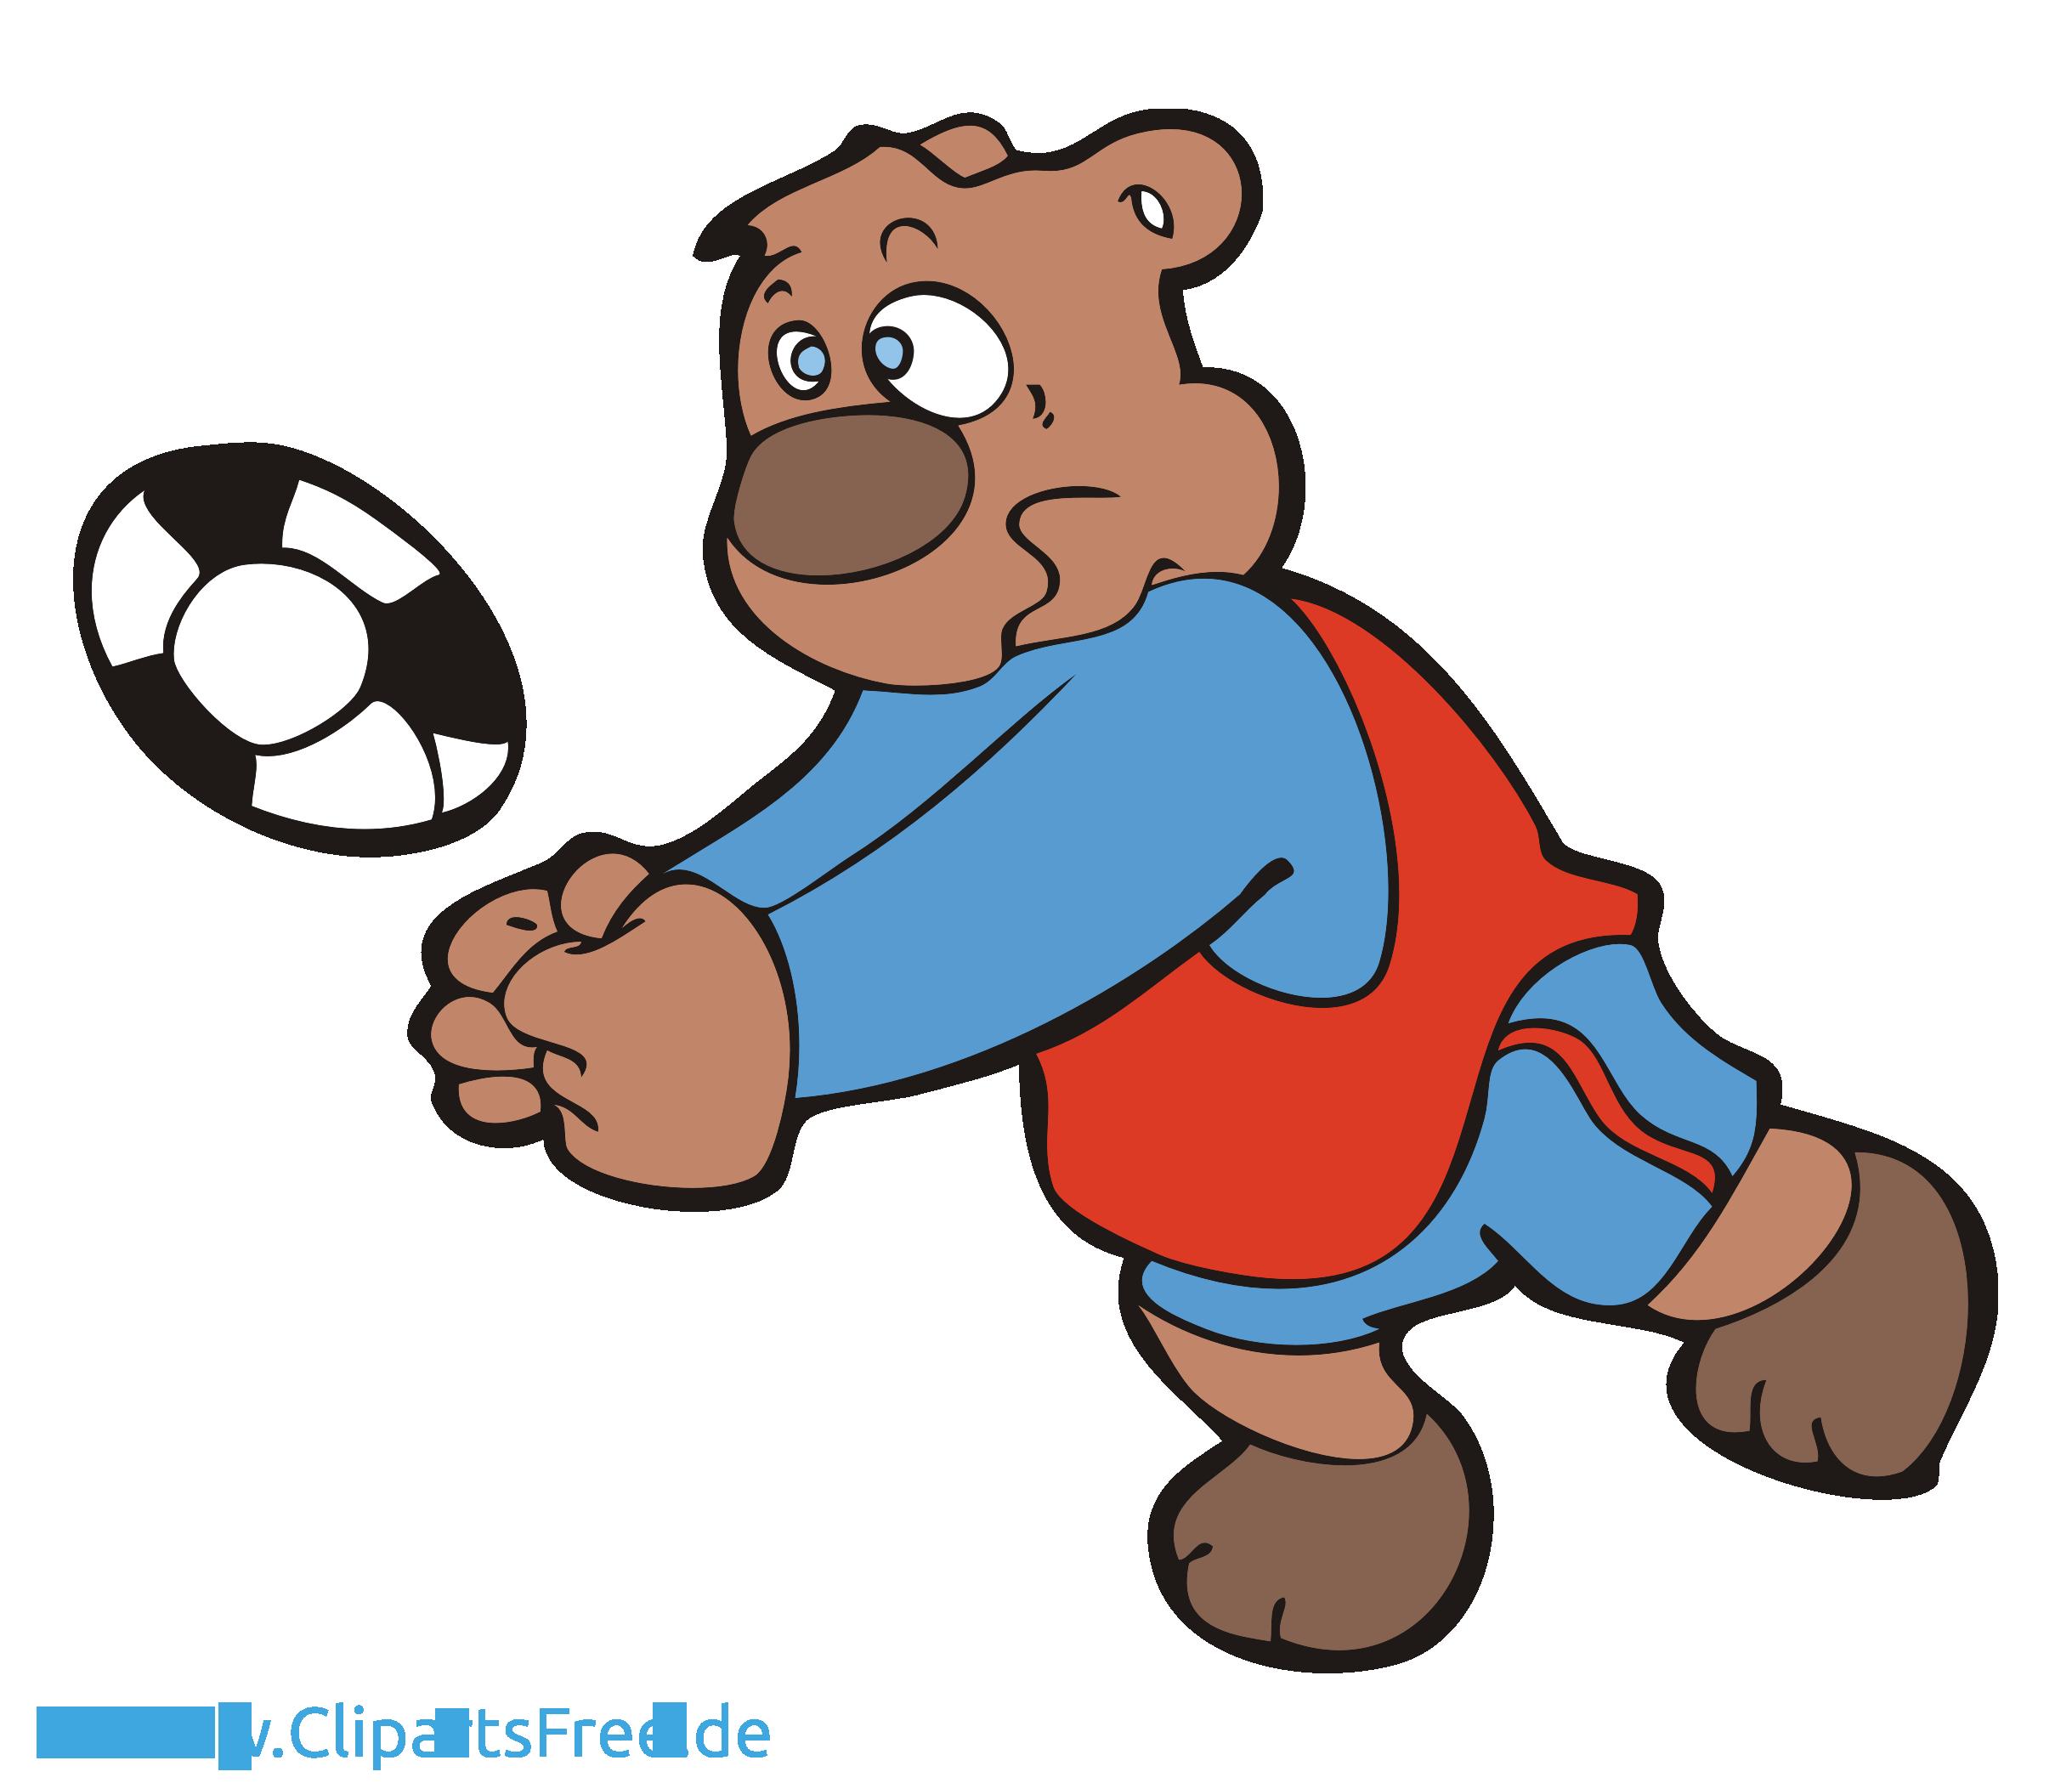 Volleyball clipart, afbeelding, cartoon, grafisch, illustratie